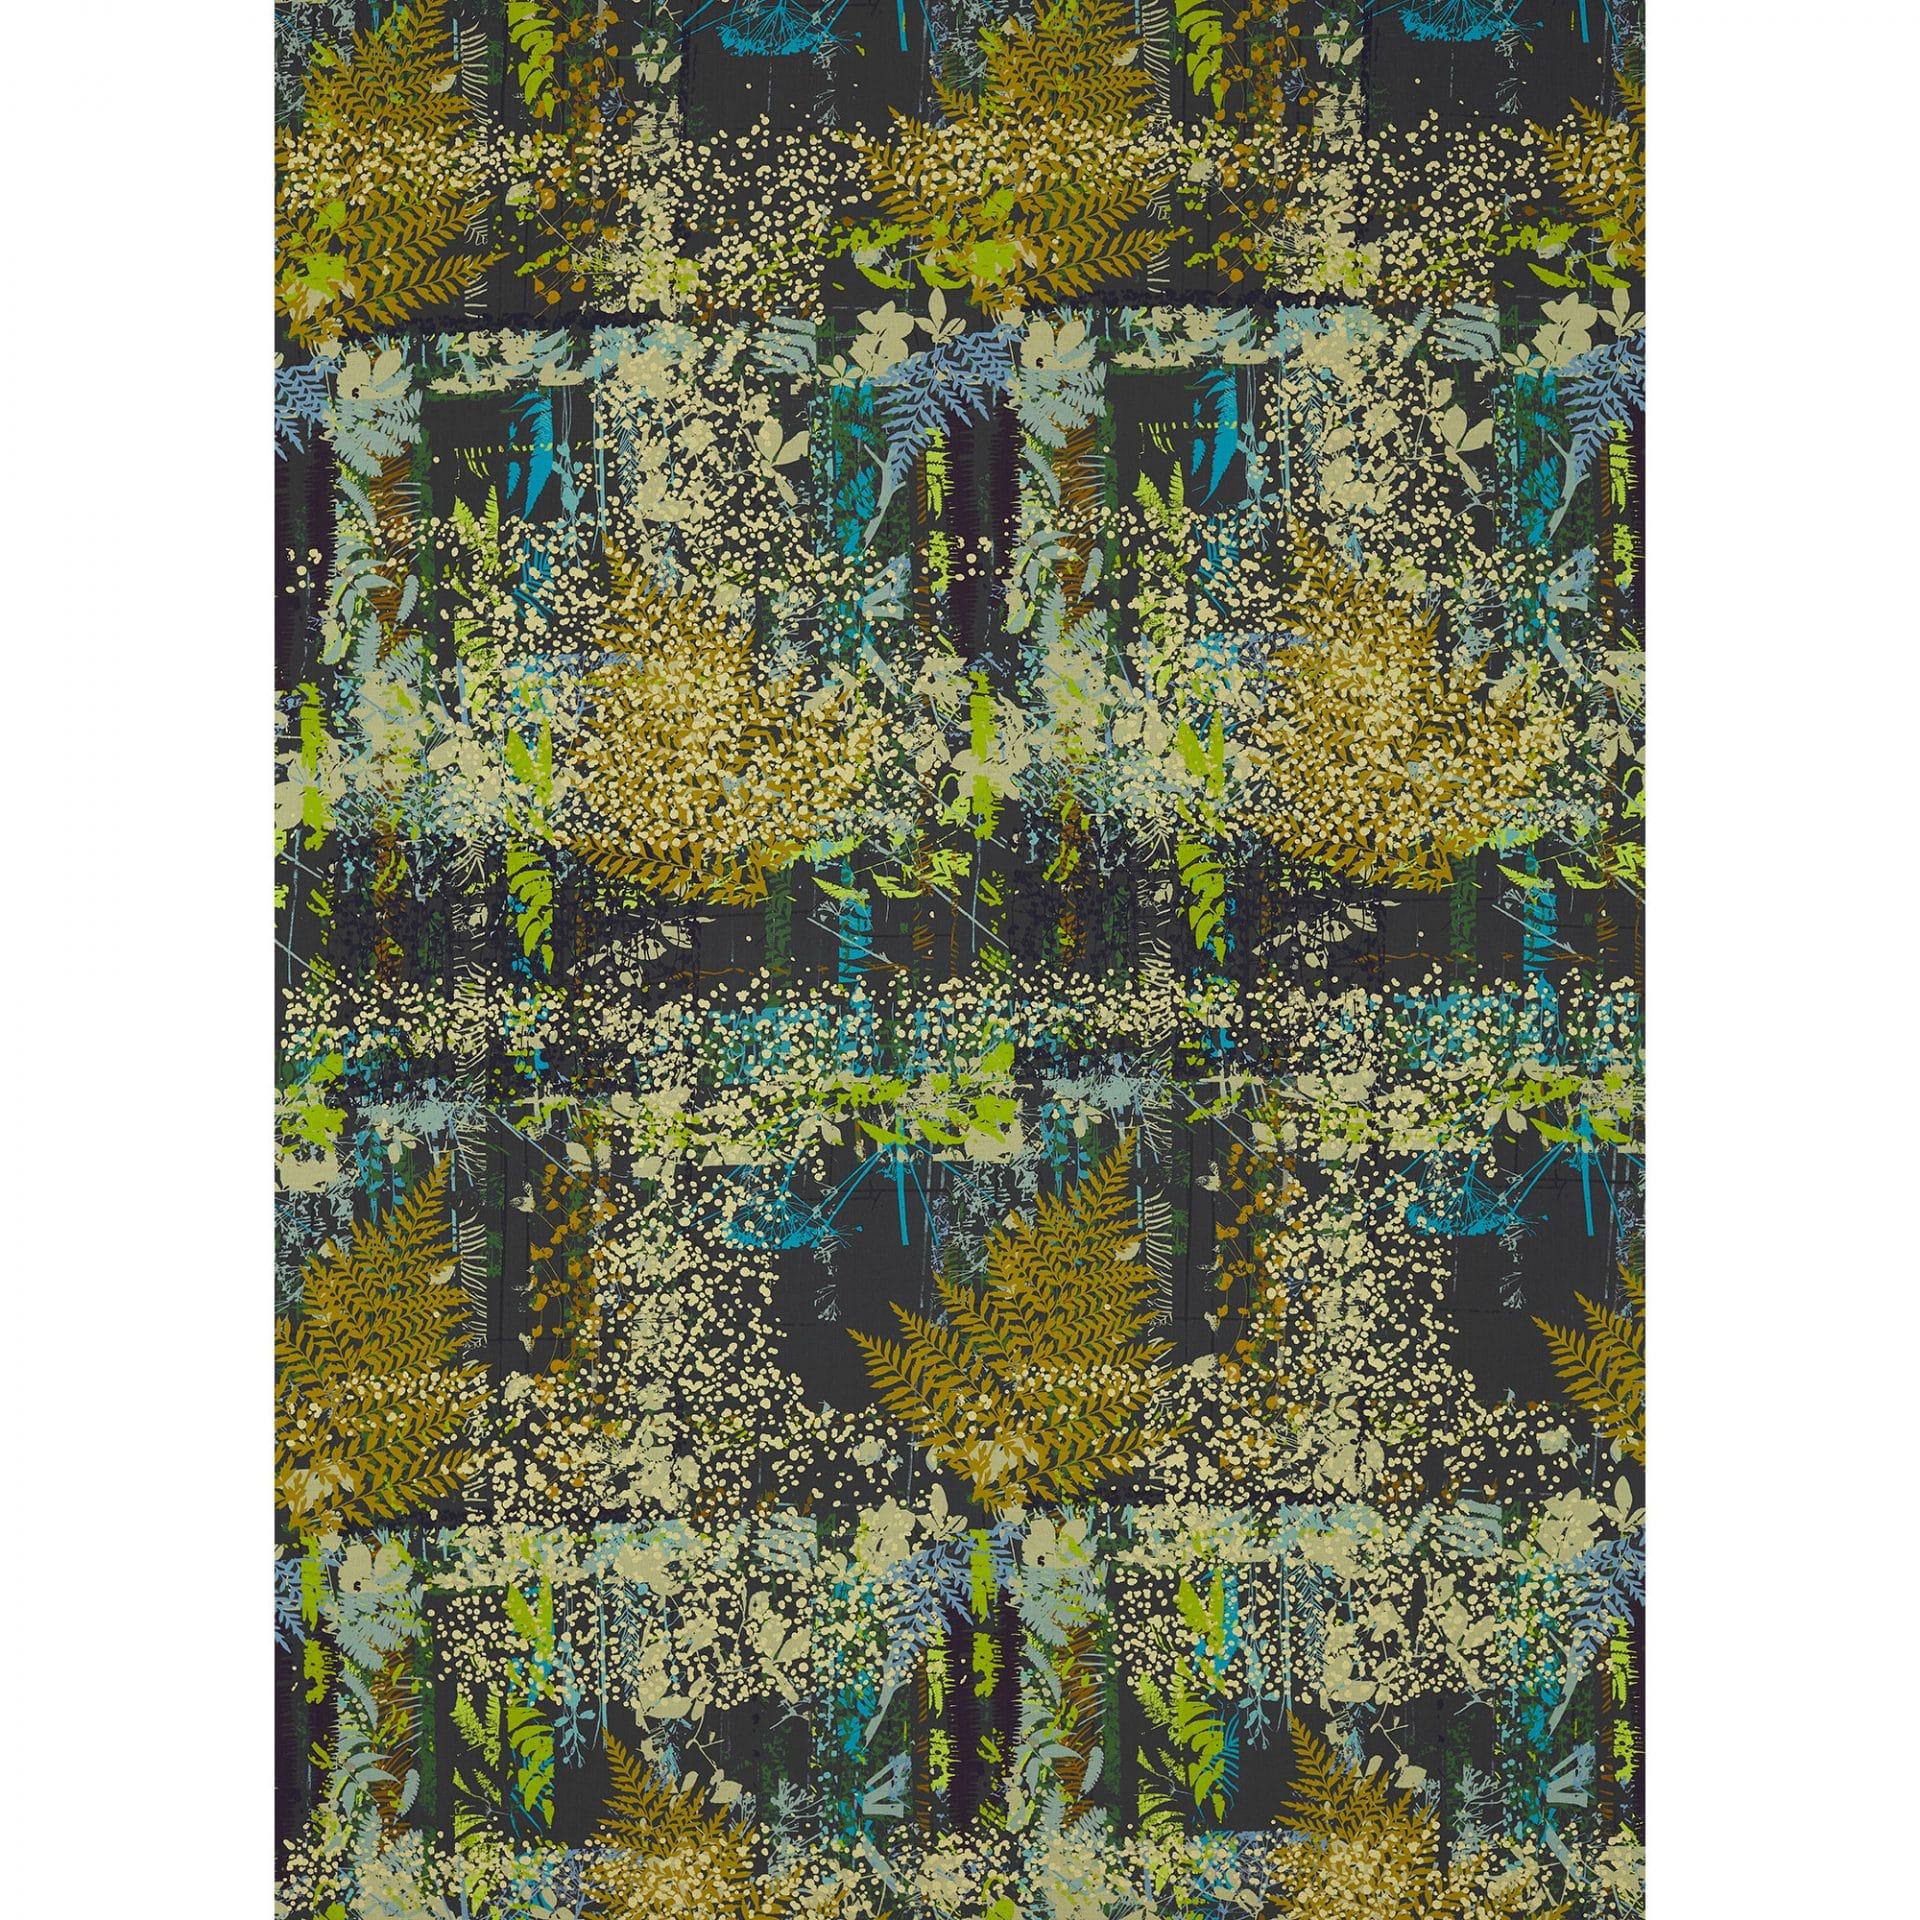 Kismet Fabric Sepia Citrus Ocean 120556 Clarissa